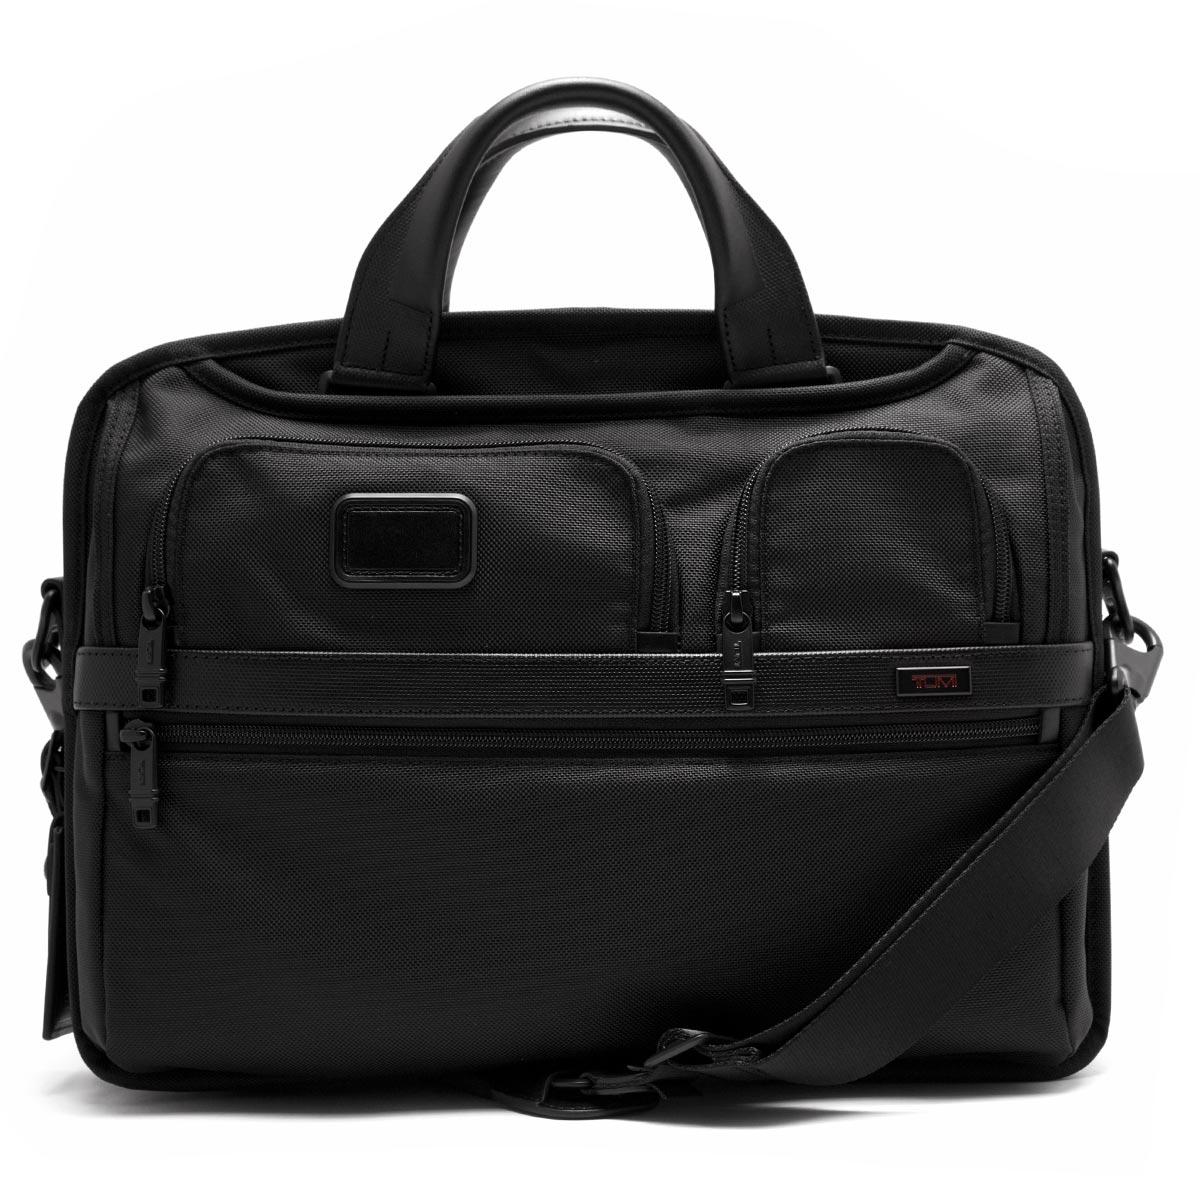 トゥミ ビジネスバッグ/ショルダーバッグ バッグ メンズ アルファ 2 ミディアム・スクリーン T PASS ブラック 26516 D2 TUMI